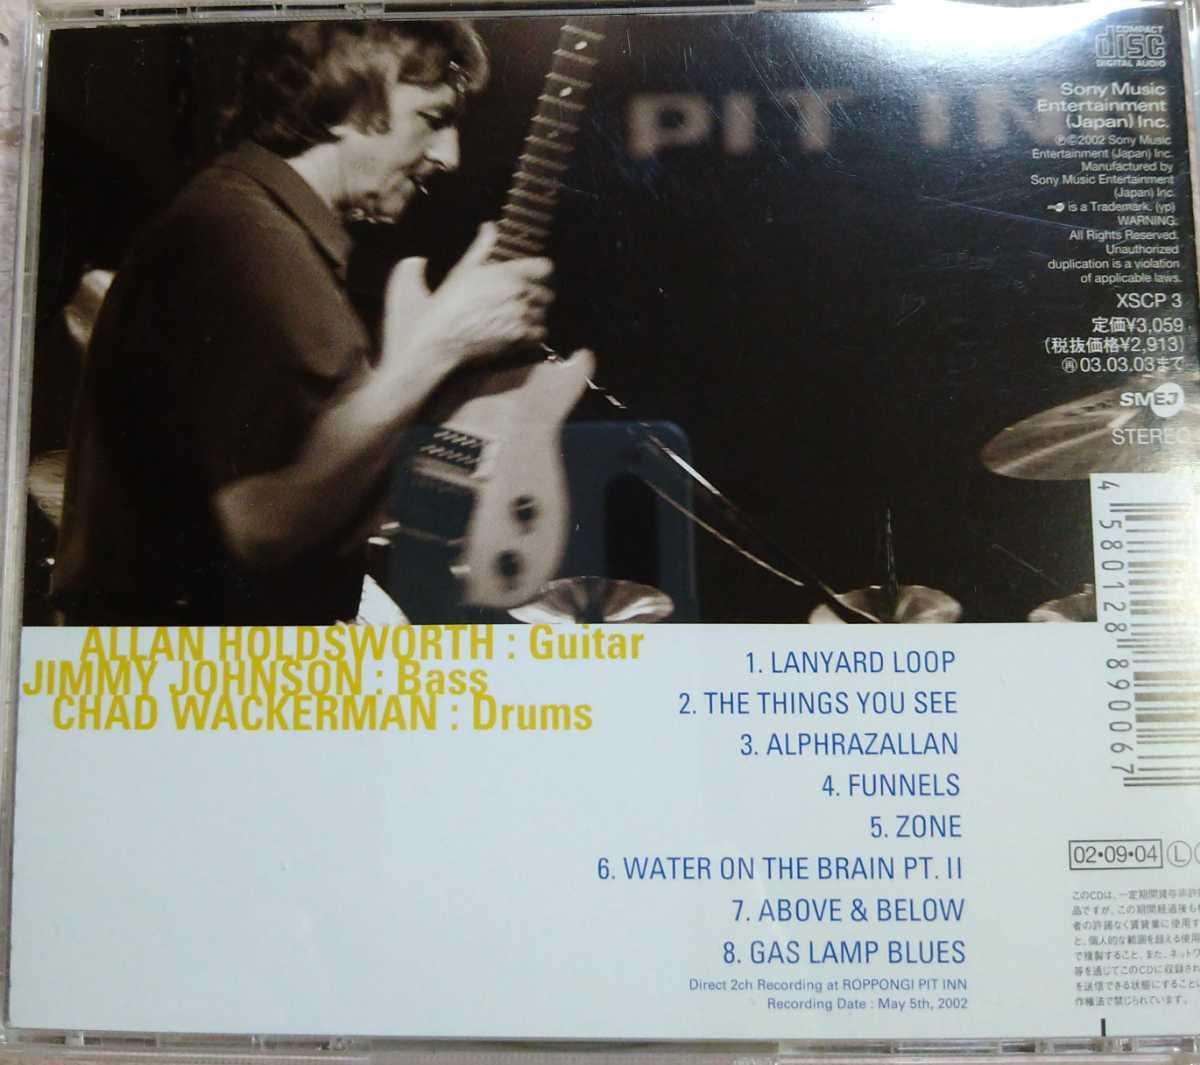 ライヴアルバム All Night Wrong アラン・ホールズワース 音質抜群&テクニック最高 Allan Holdsworth Pit Inn 中古CD_画像3